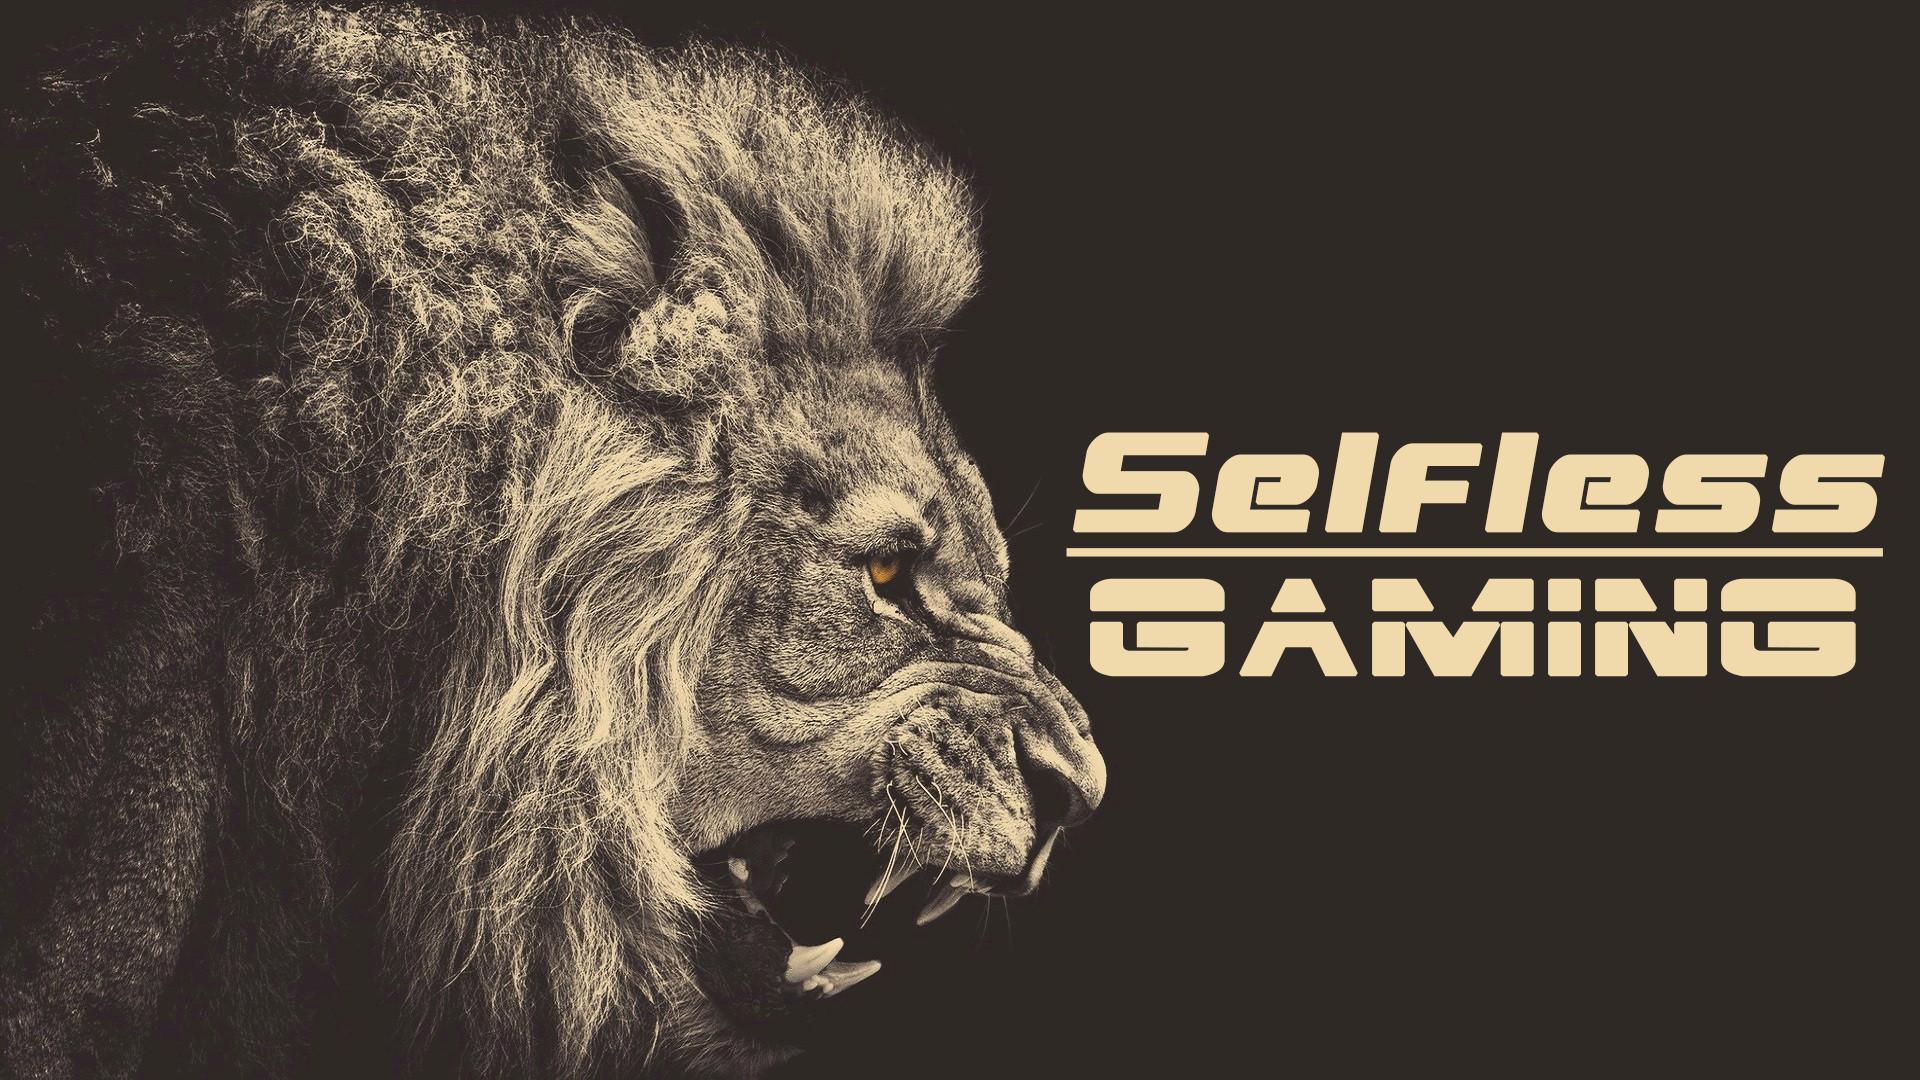 Selfless Gaming